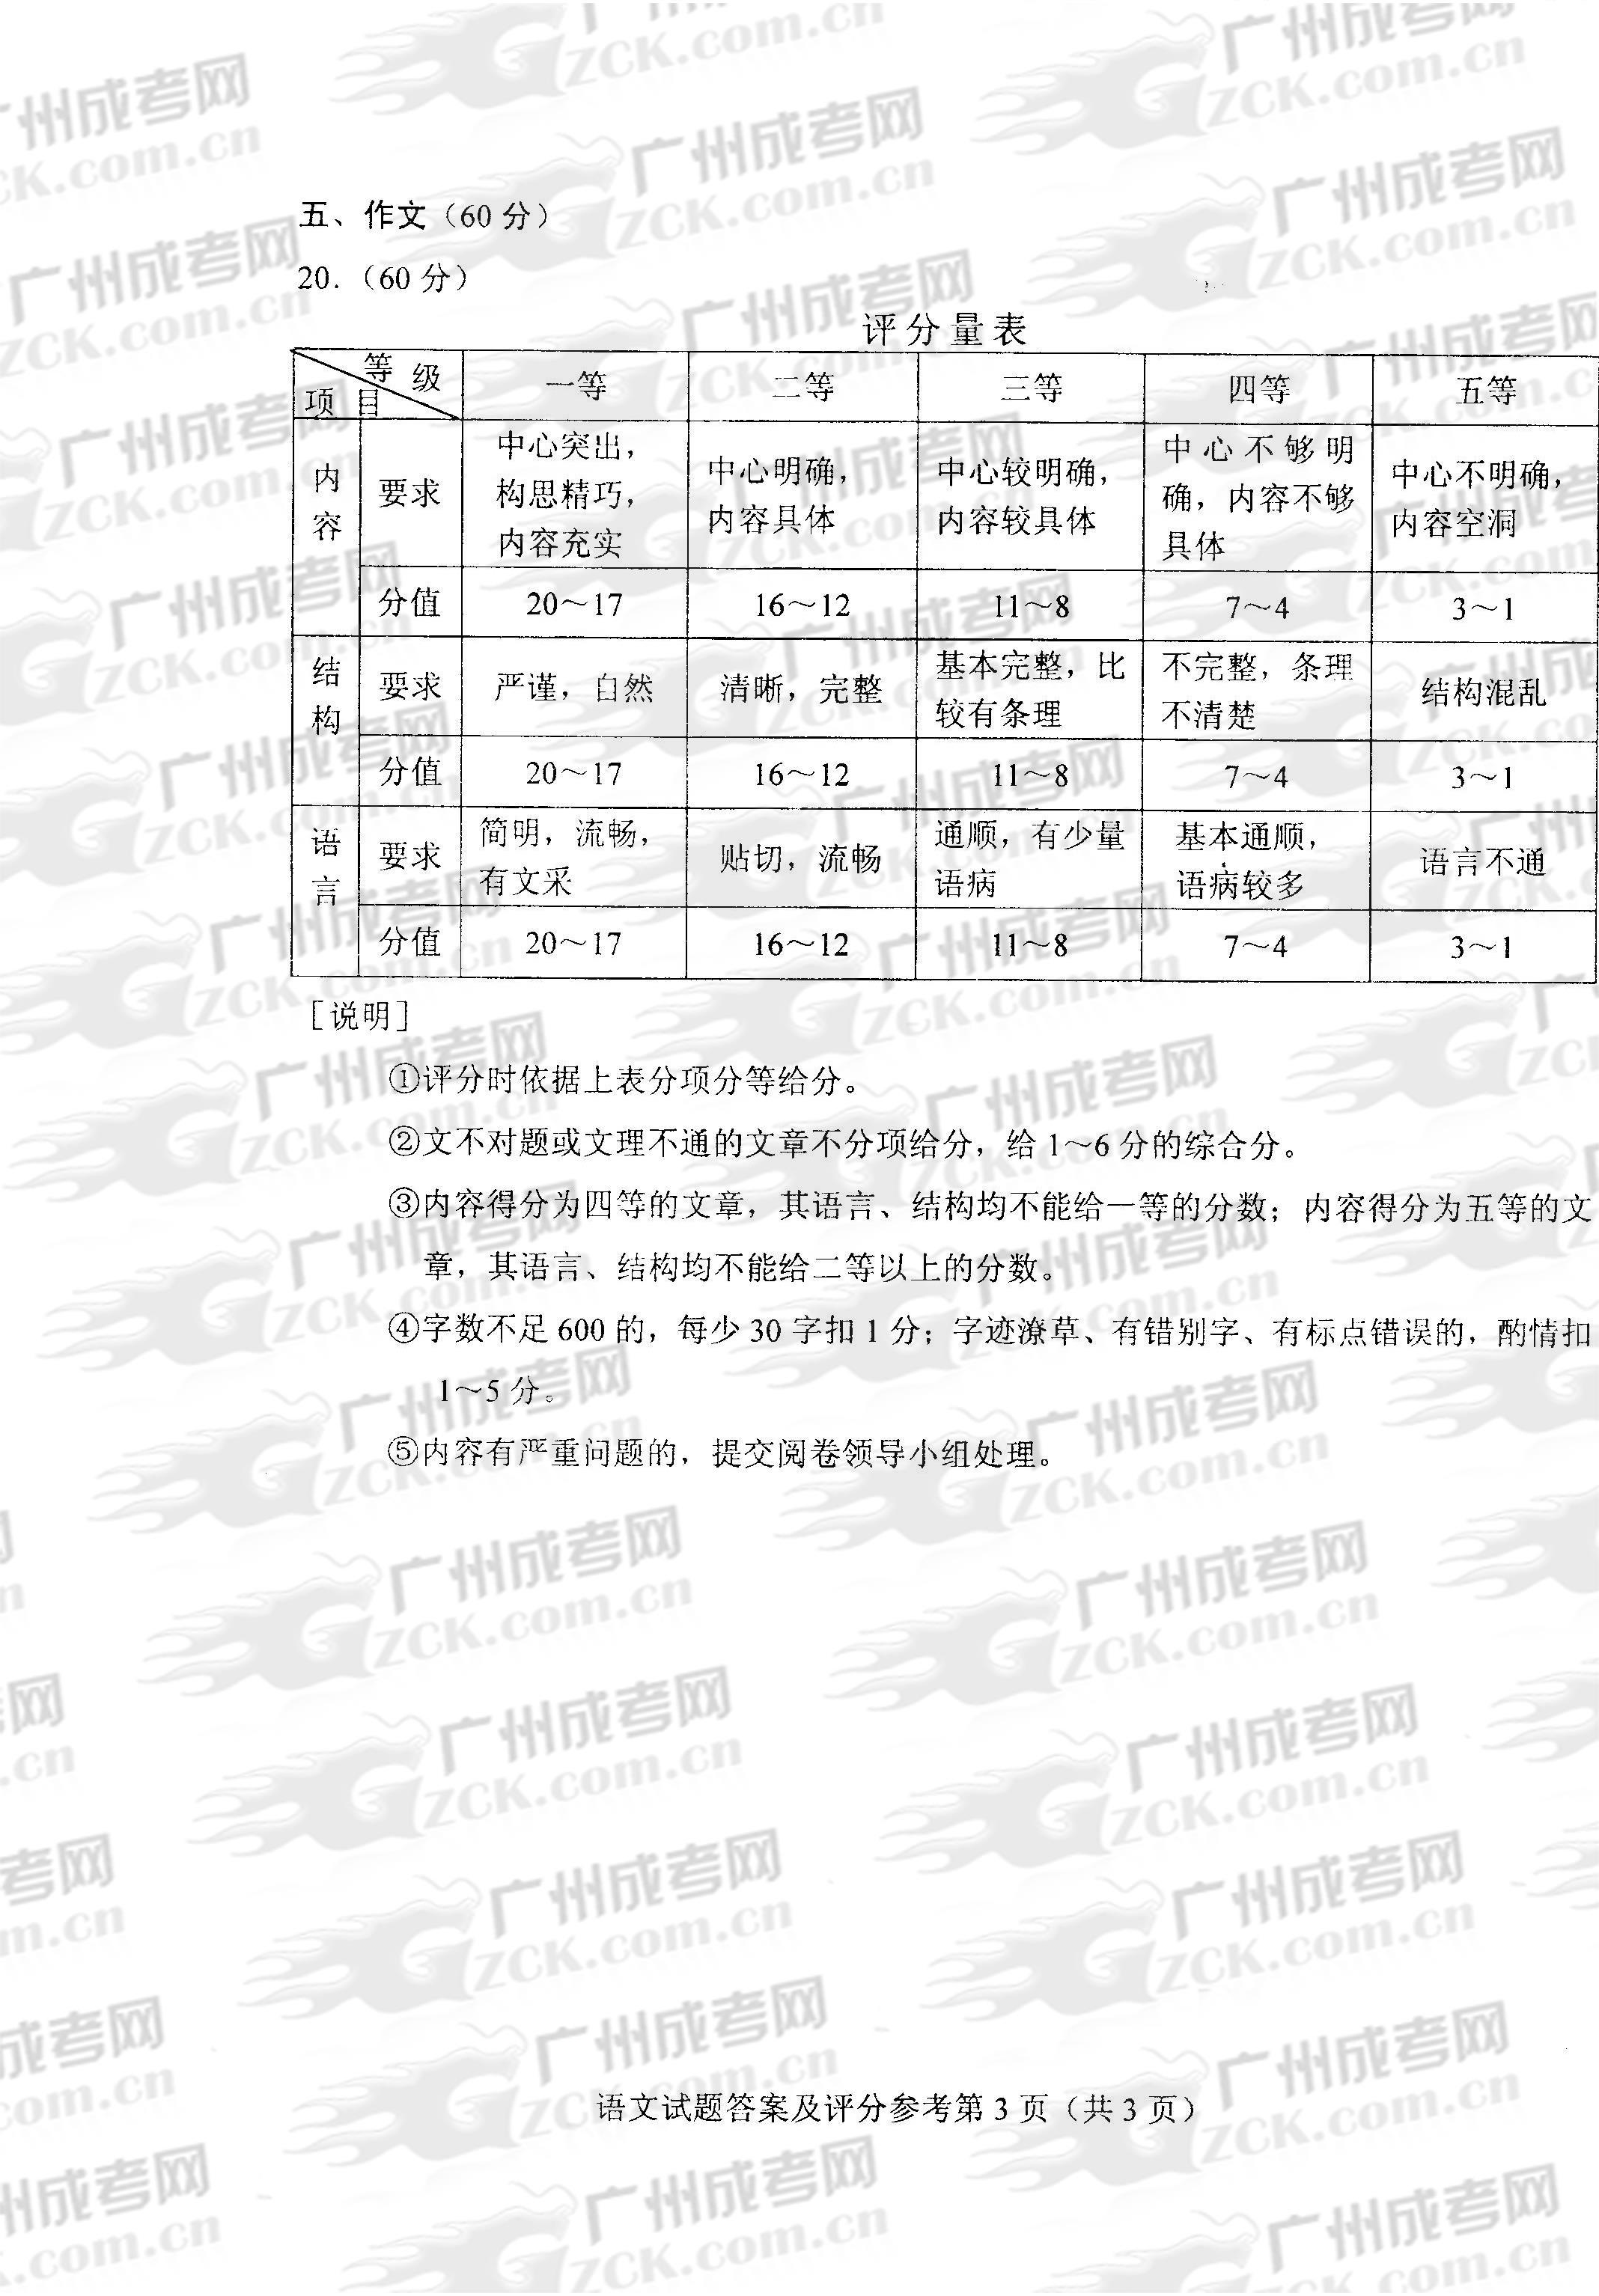 成人高考2013年统一考试语文试题答案及评分参考